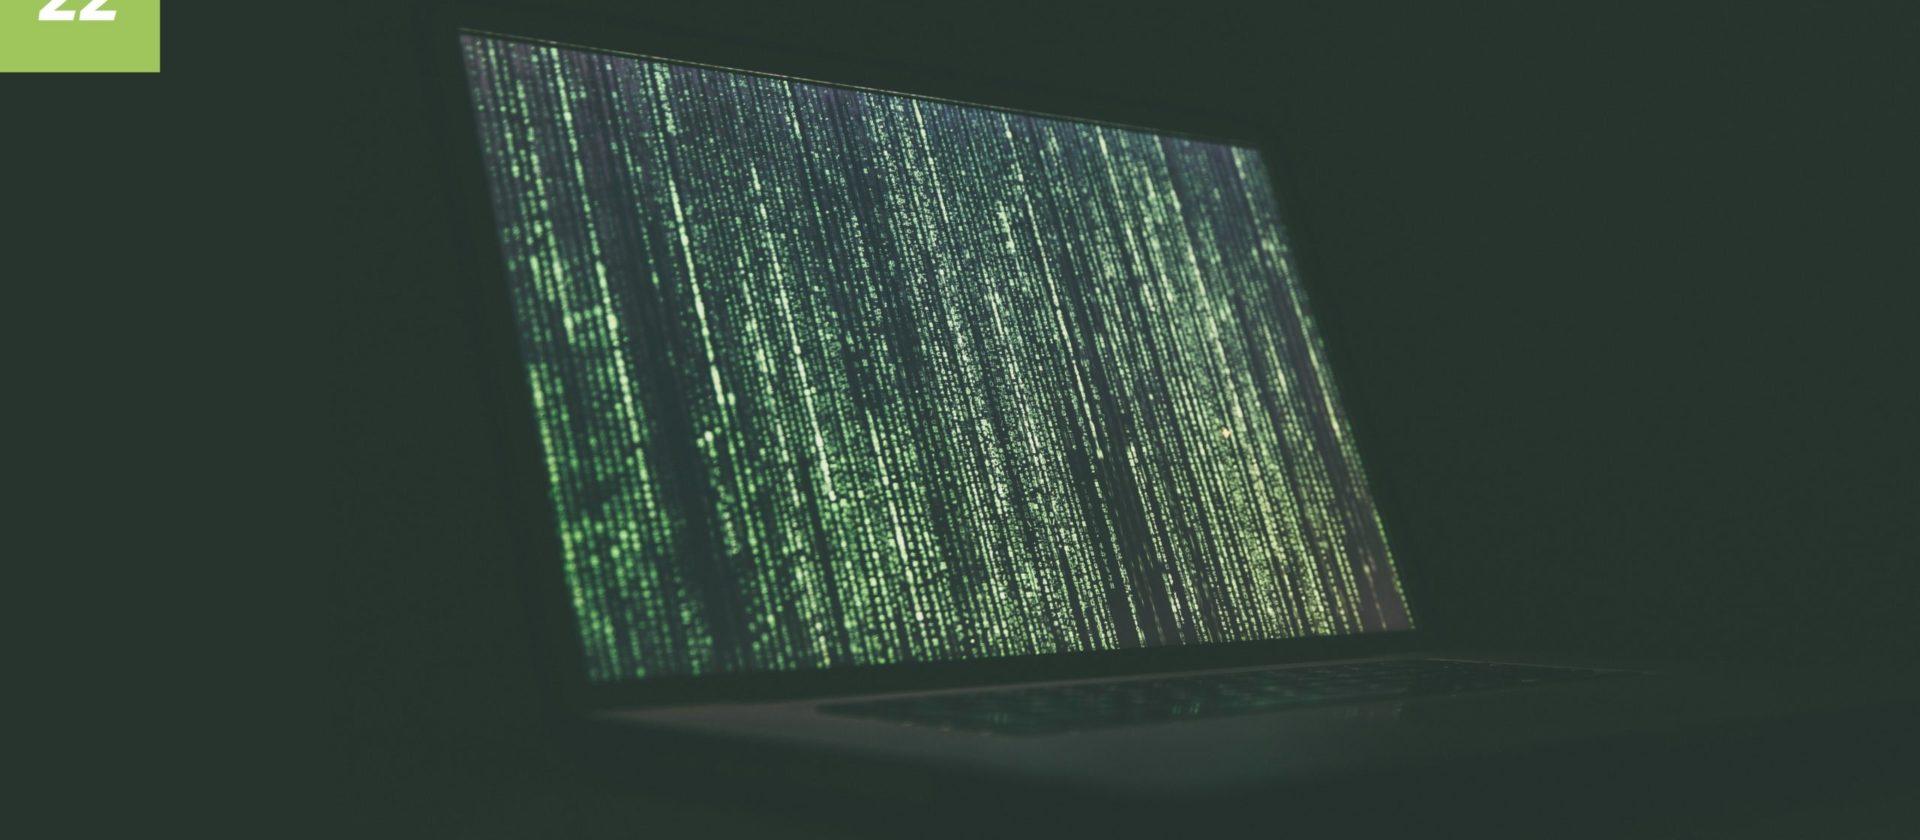 Kryptografie und Verschlüsselungsverfahren